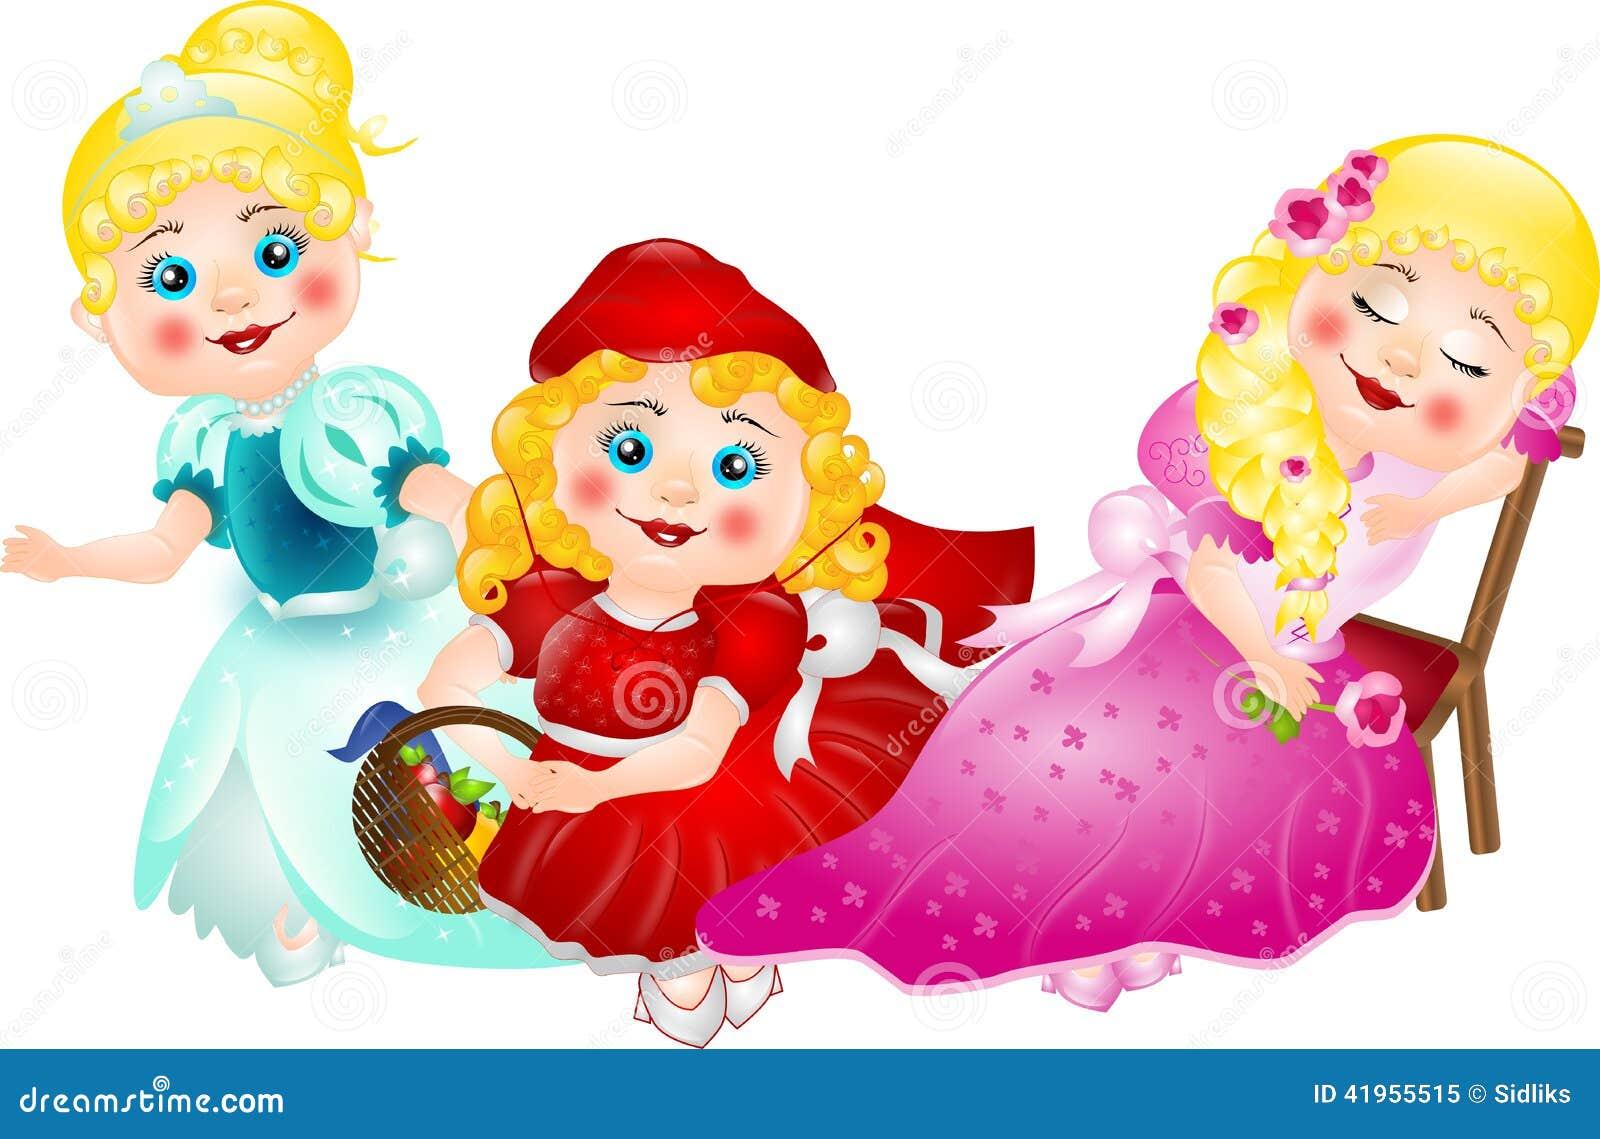 童话公主图片